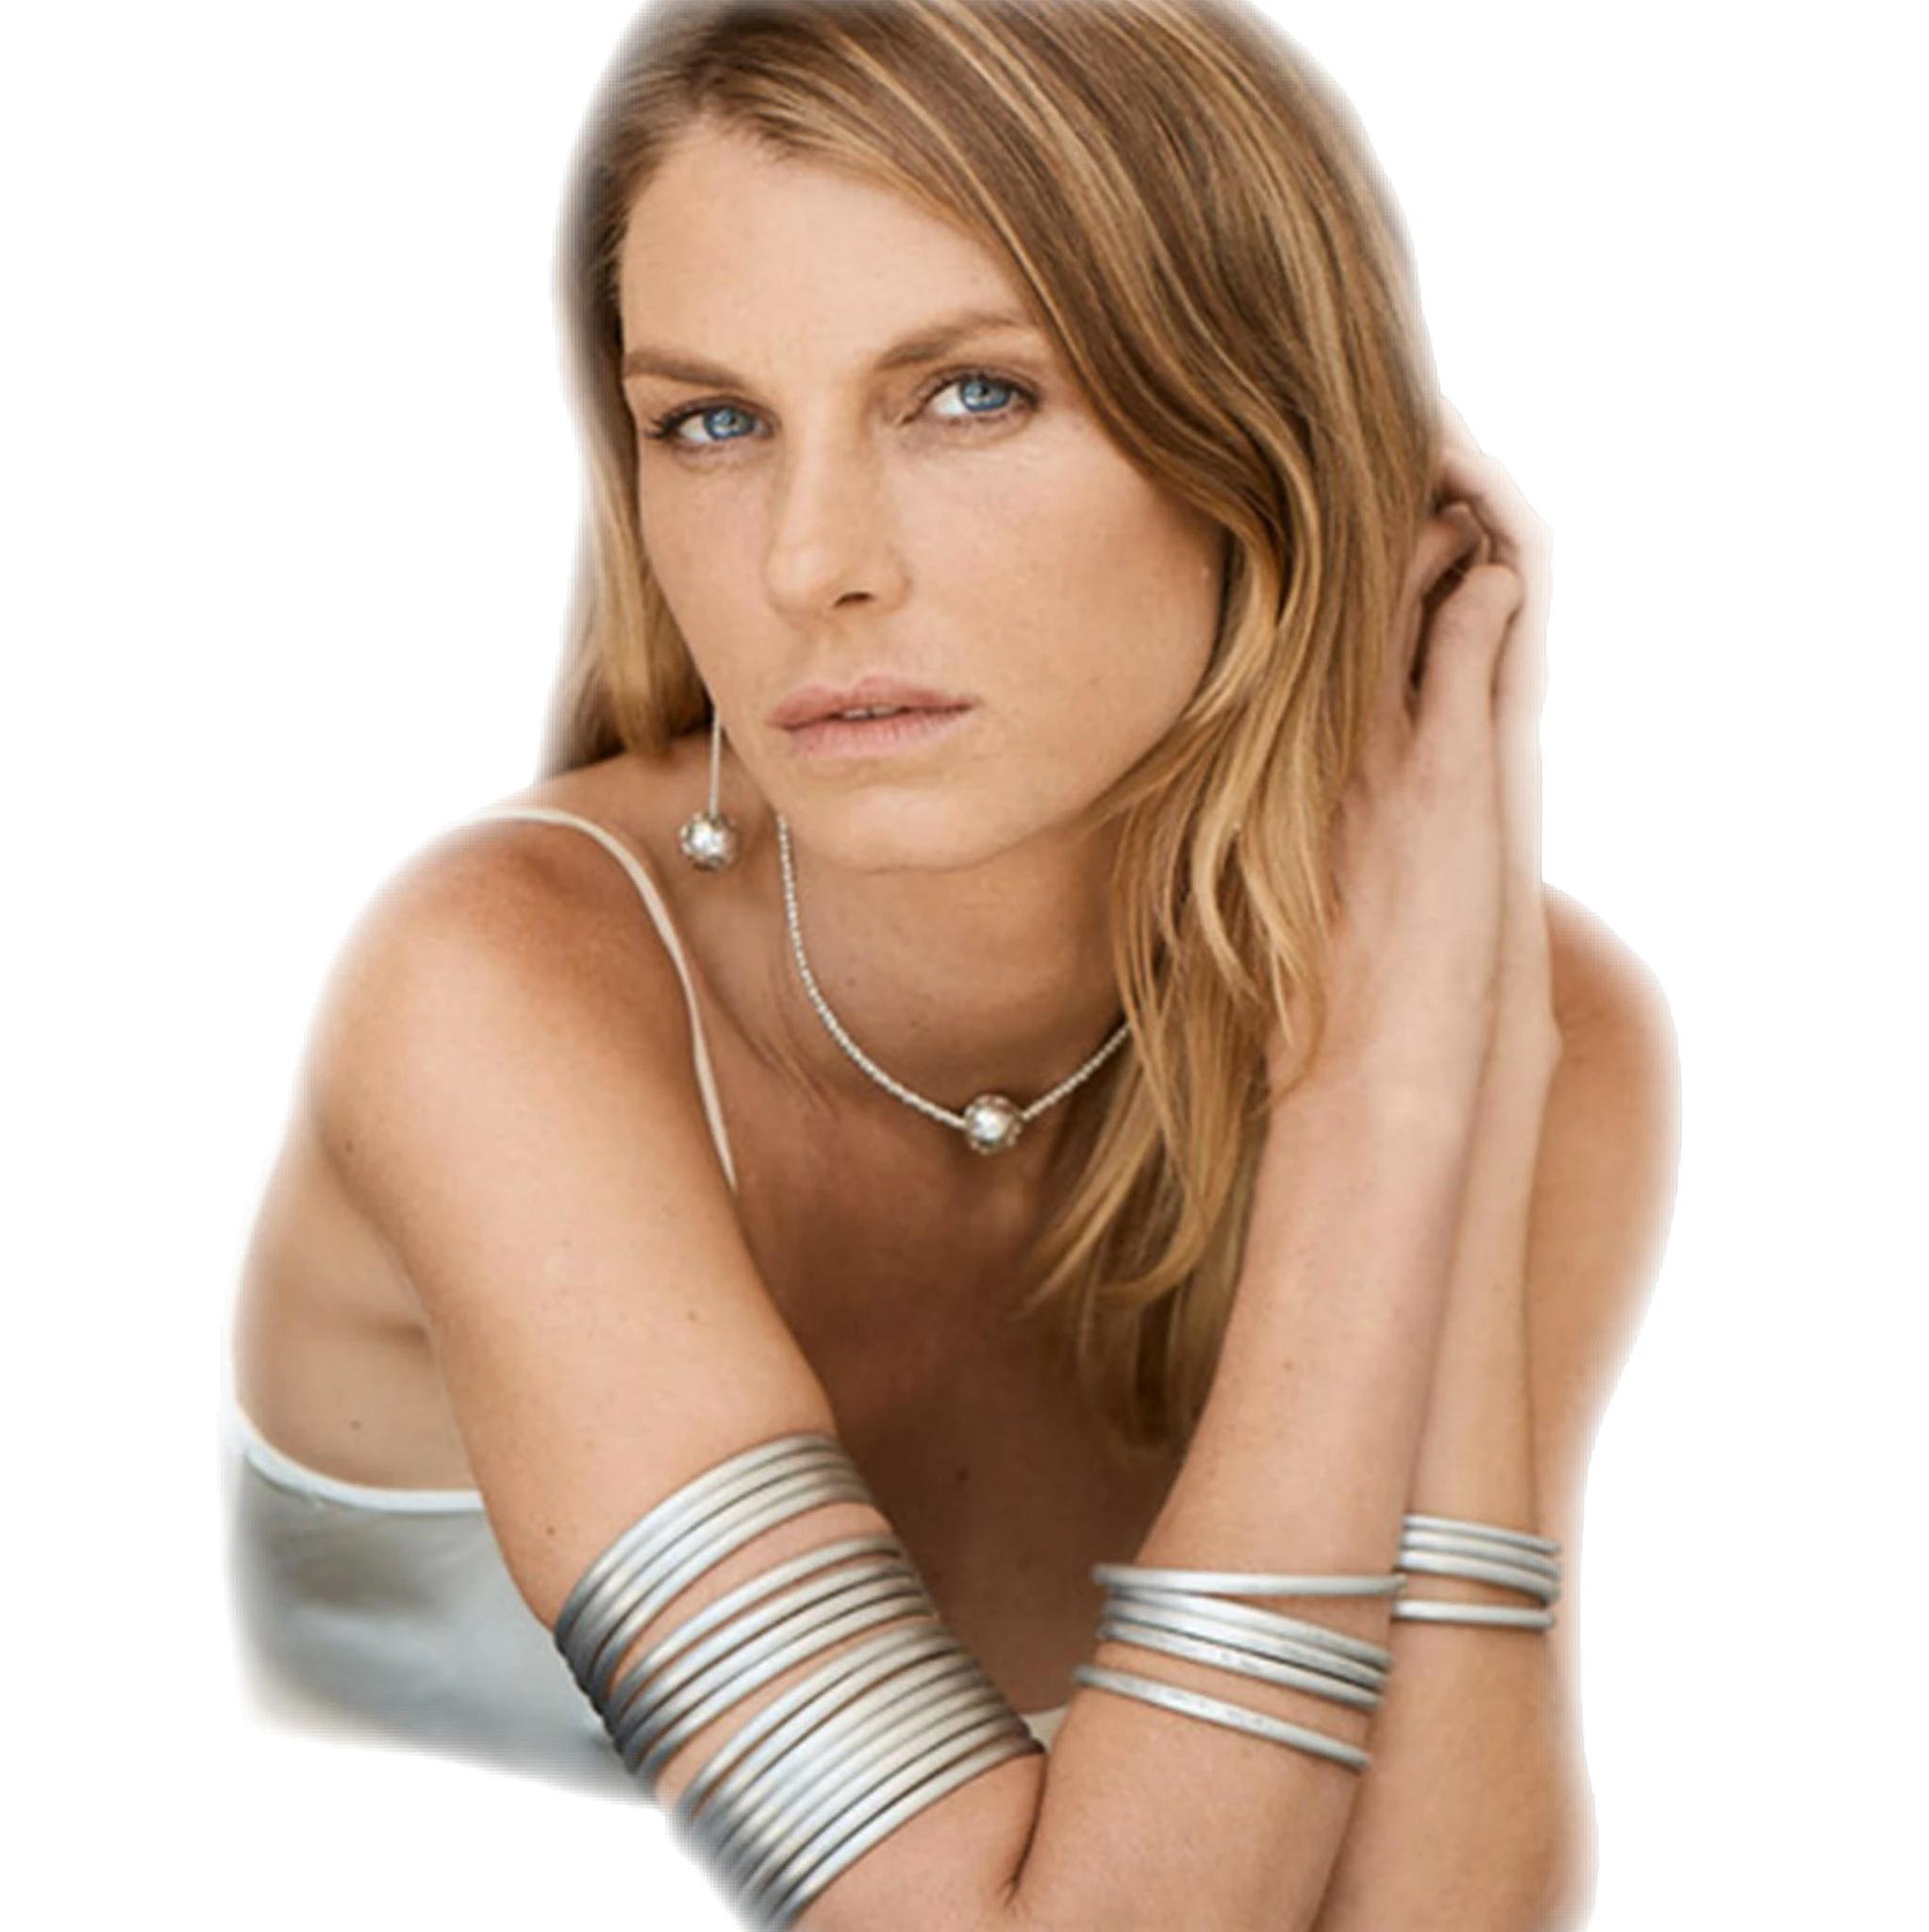 La modella Angela Lindvall indossa gioielli di Article22